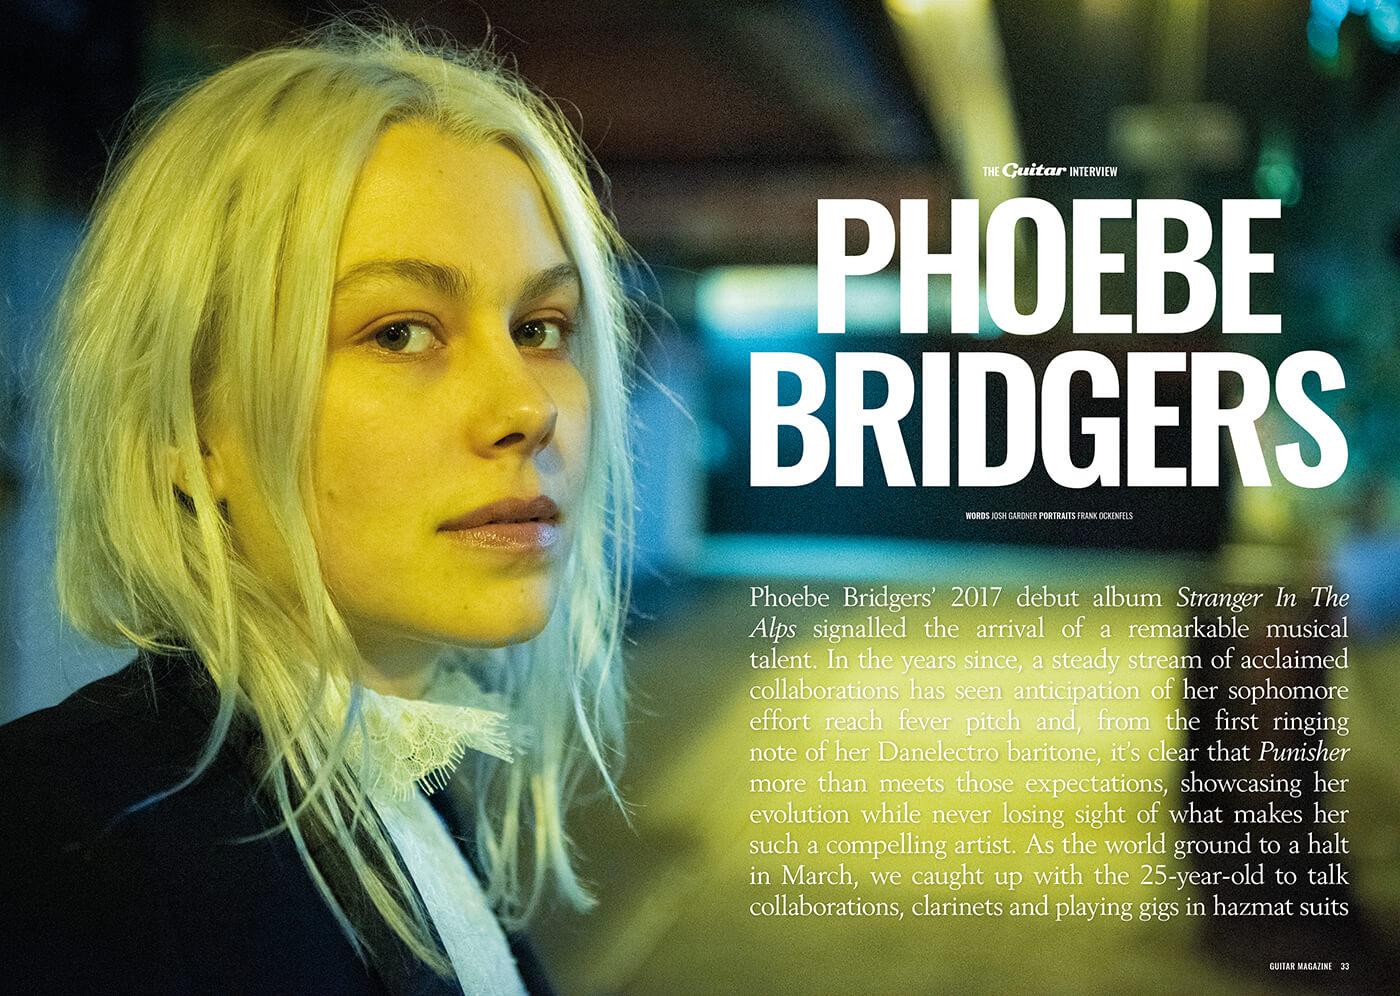 GM382 Phoebe Bridgers